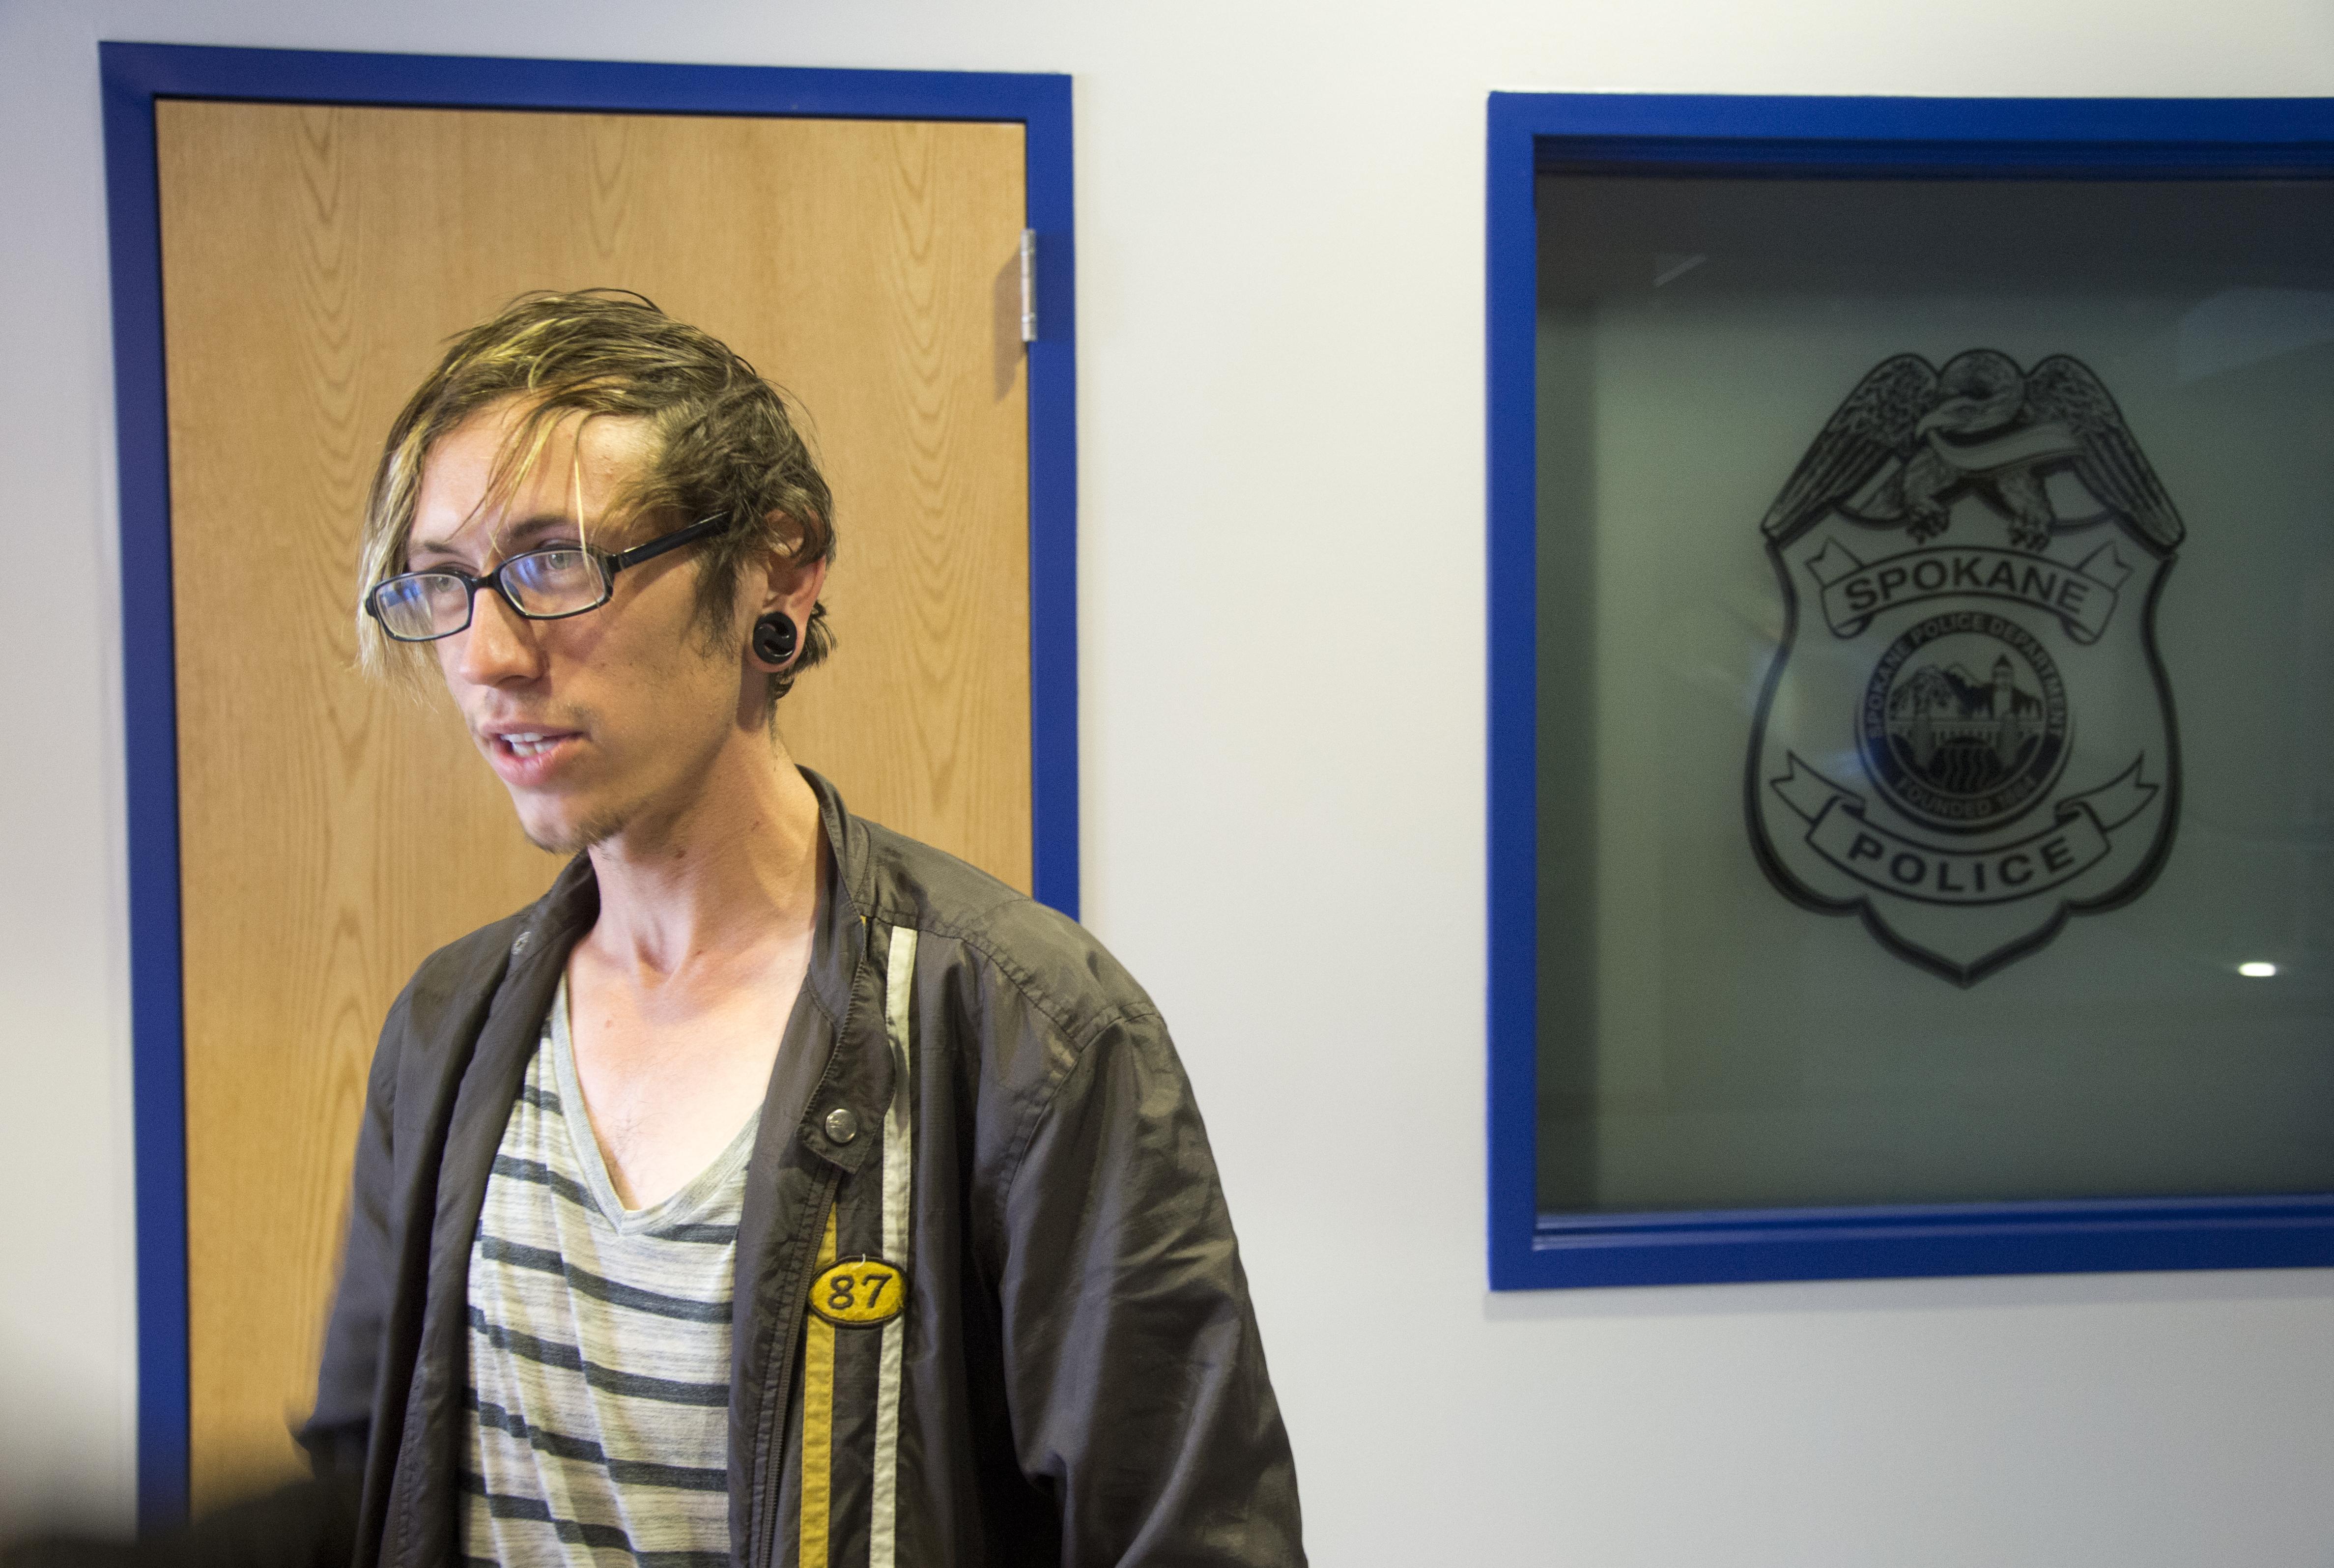 Spokane offers chance to dismiss misdemeanor arrest warrants